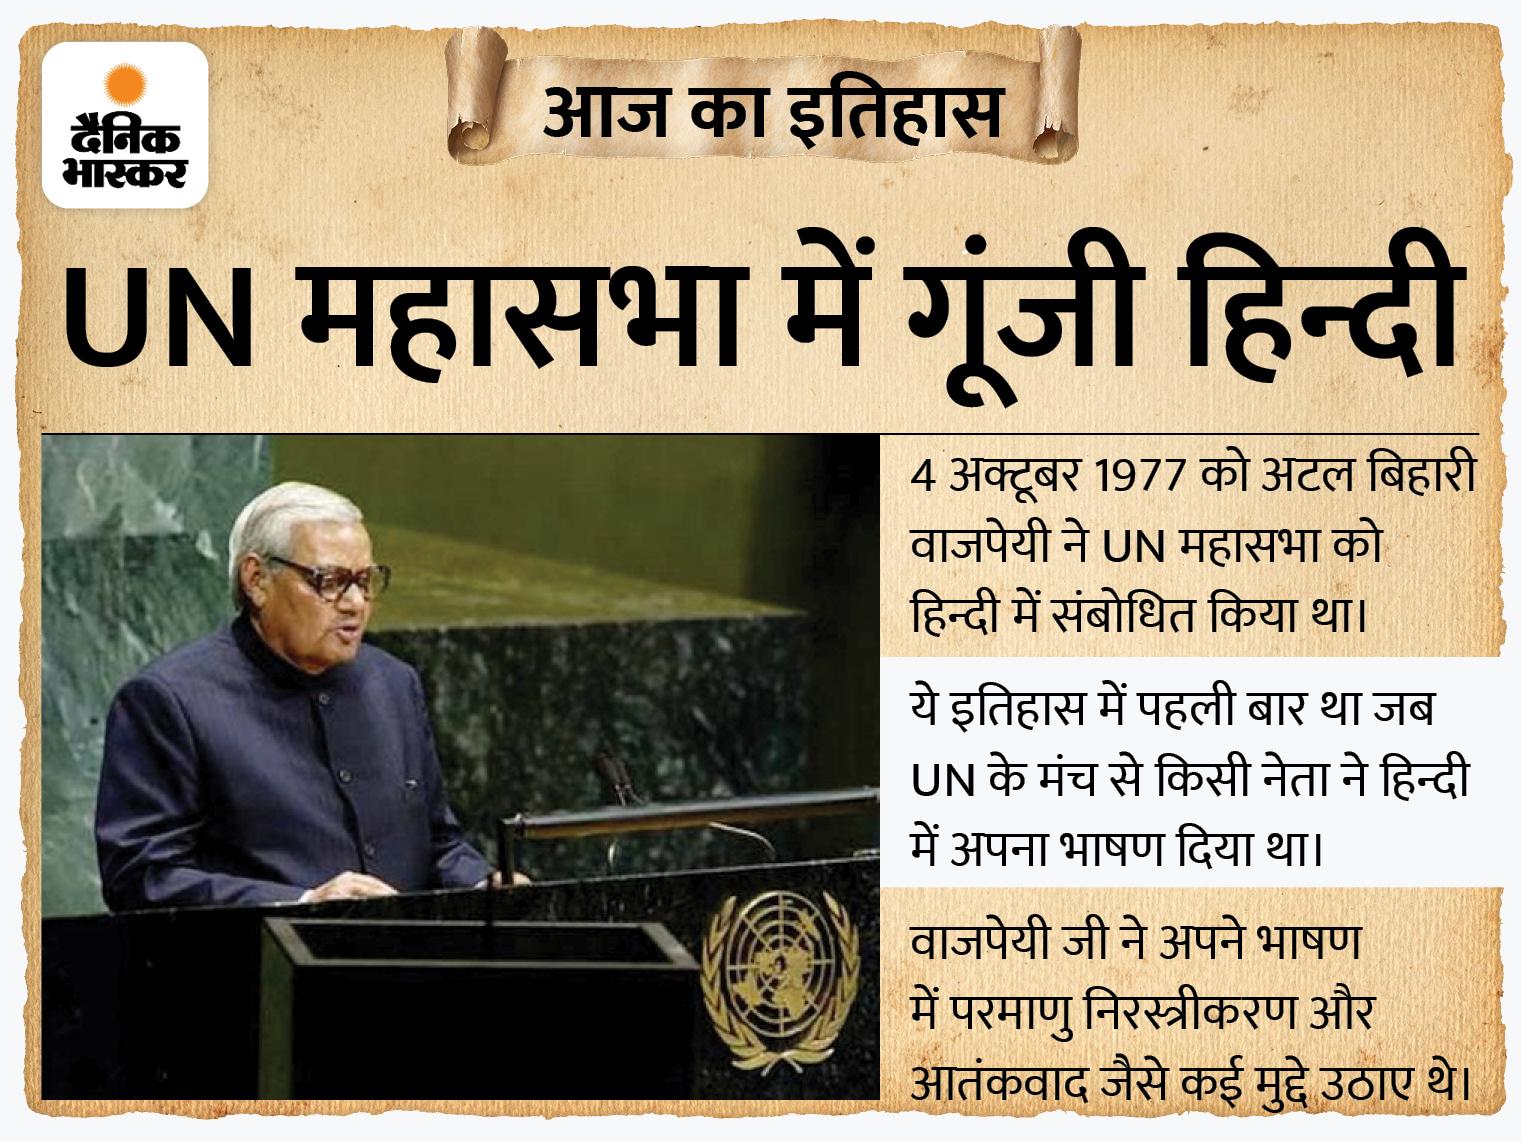 44 साल पहले UN में पहली बार हिन्दी में भाषण; इसके खत्म होते ही दुनियाभर के नेताओं ने अटल जी के सम्मान में खड़े होकर बजाई थीं तालियां देश,National - Dainik Bhaskar